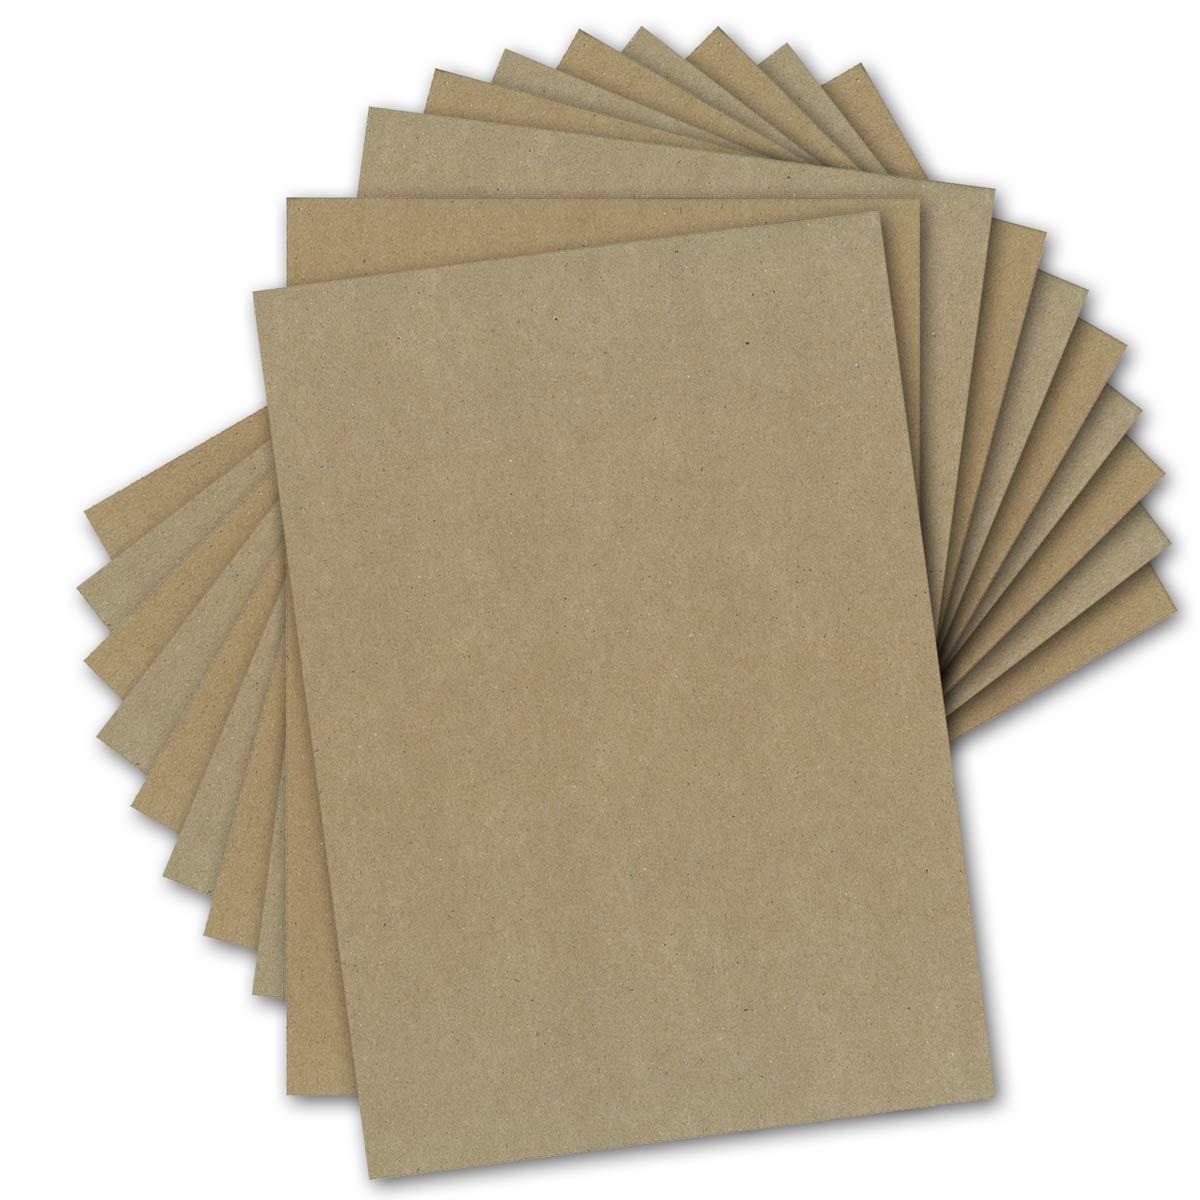 250 Kraftpapier-Karten DIN DIN DIN A5 Natur-Braun Umweltpapier 14,8 x 21,0 cm - 280 g m² Recycling-Papier 100% ökologische Kraft-Papier-Bogen von Ihrem Glüxx-Agent B07H7H3ZZR | Um Zuerst Unter ähnlichen Produkten Rang  62c6ac